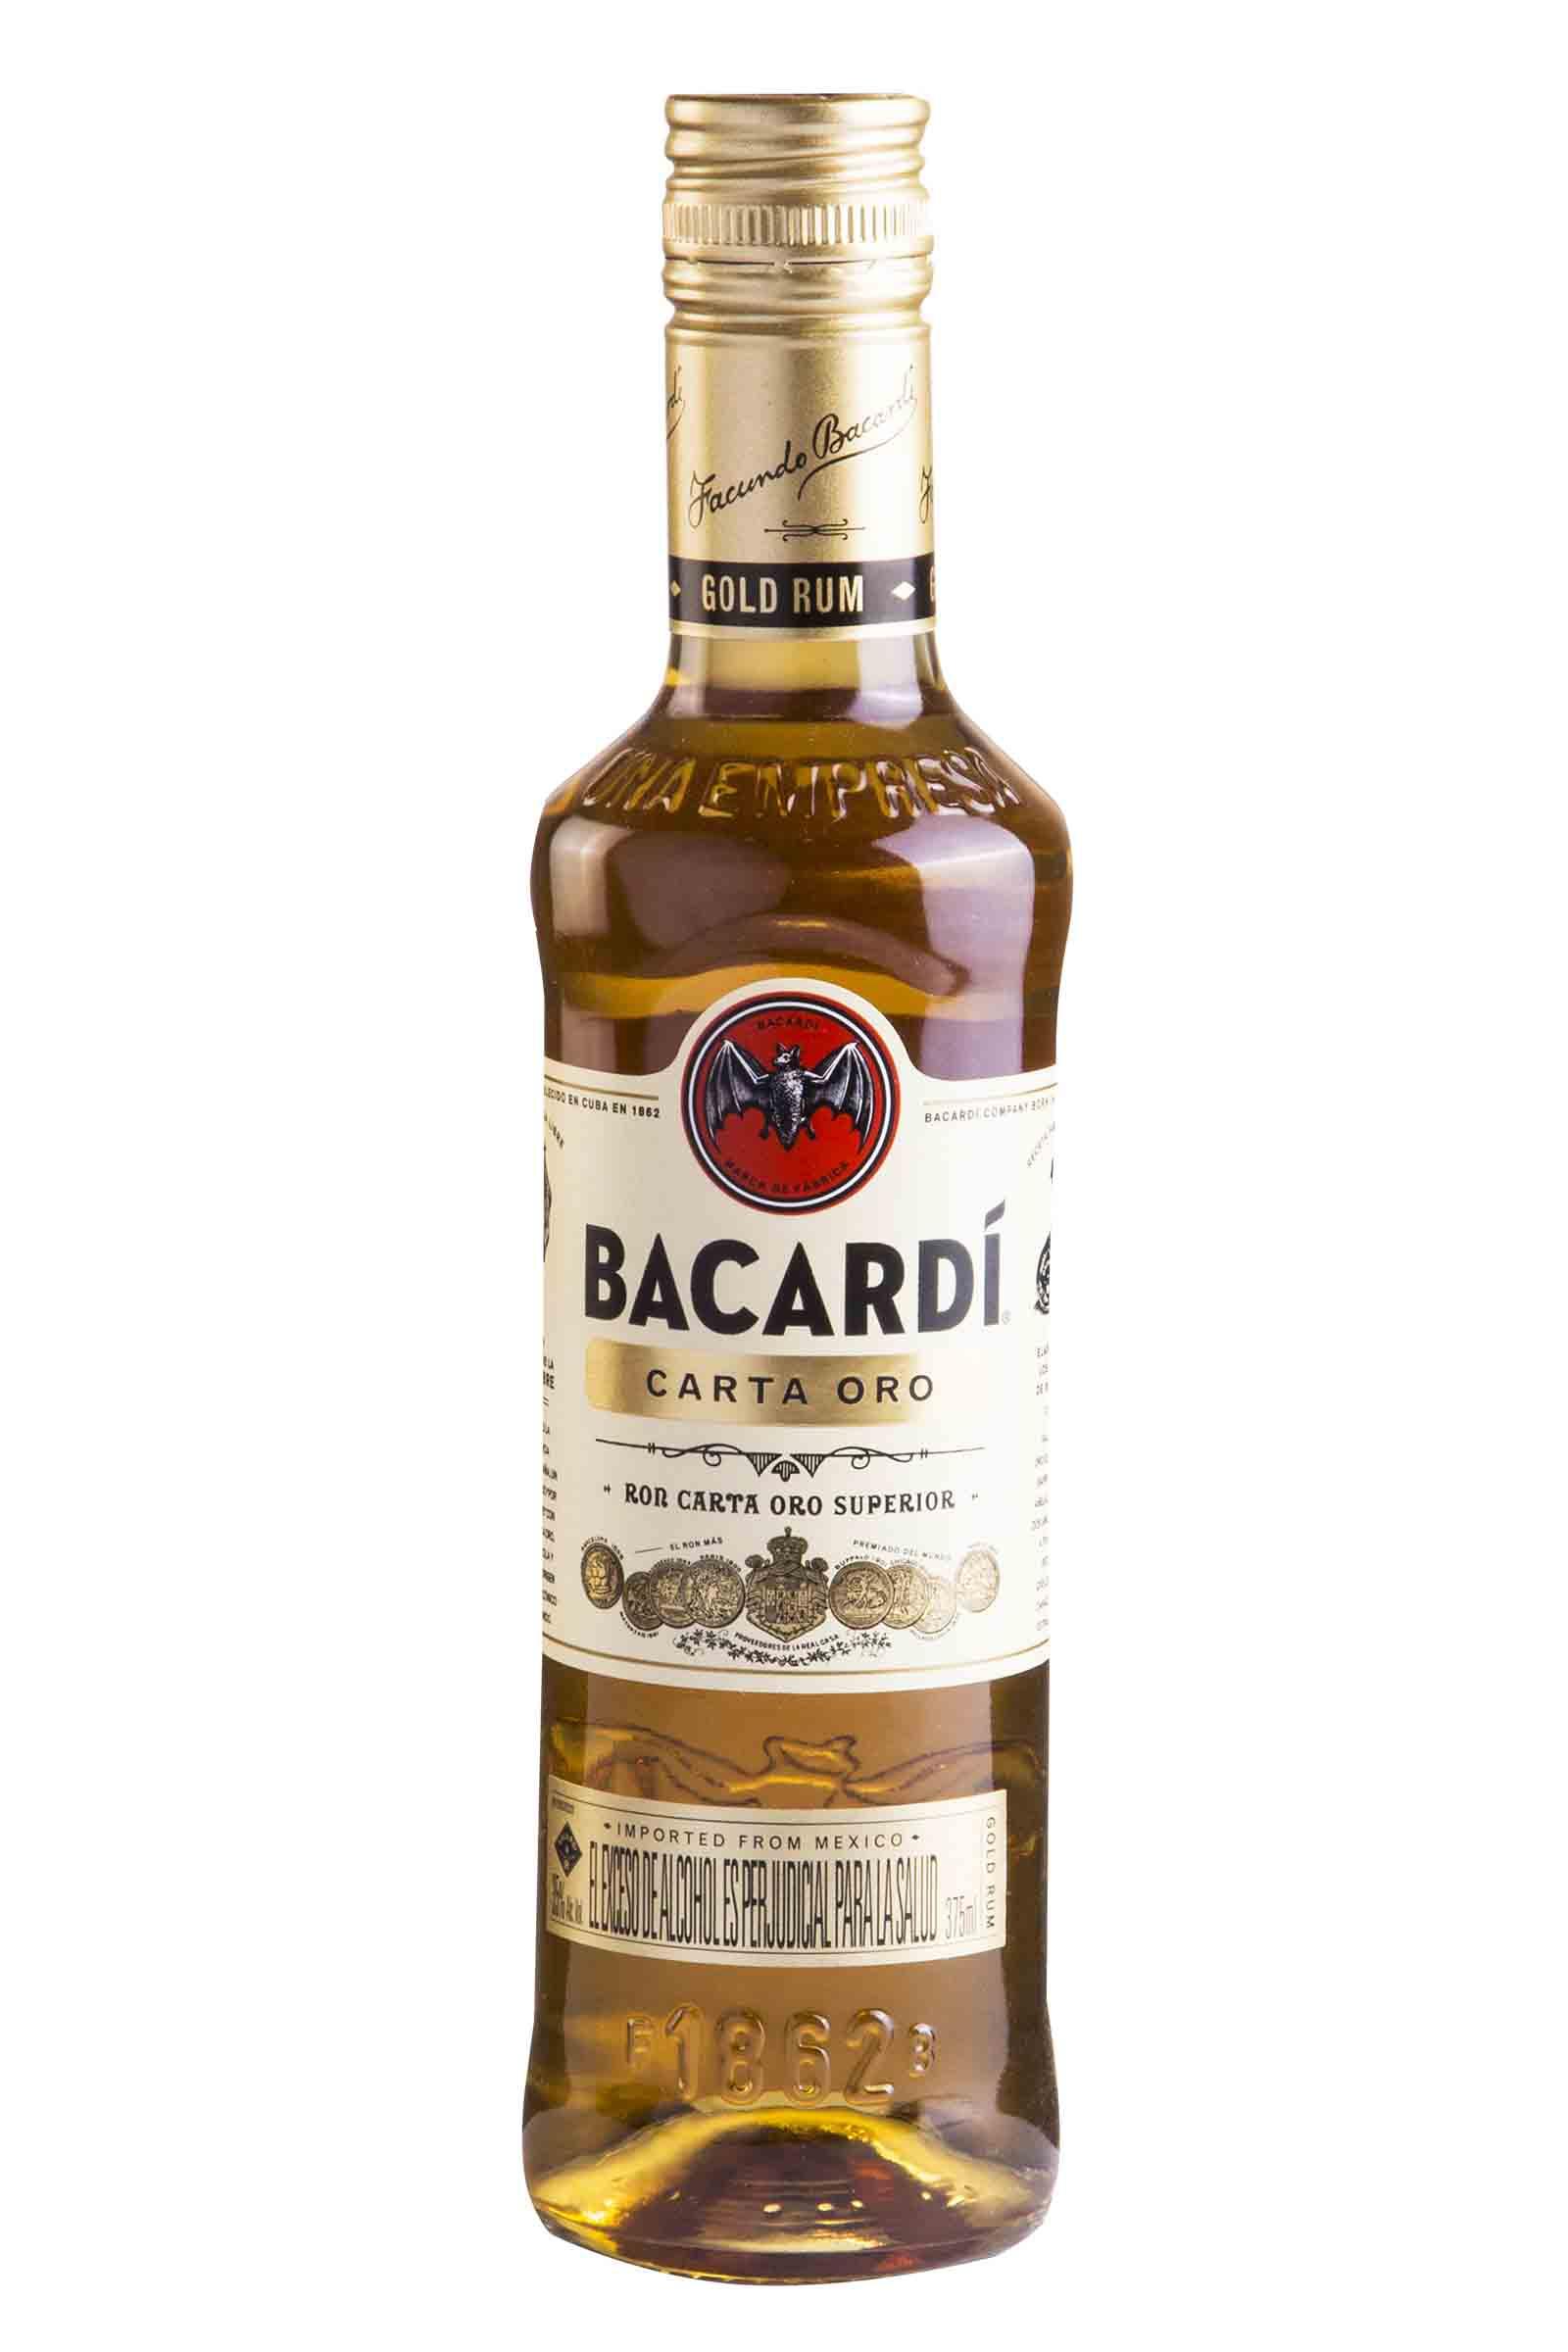 Ron Bacardi Carta Oro 375ml